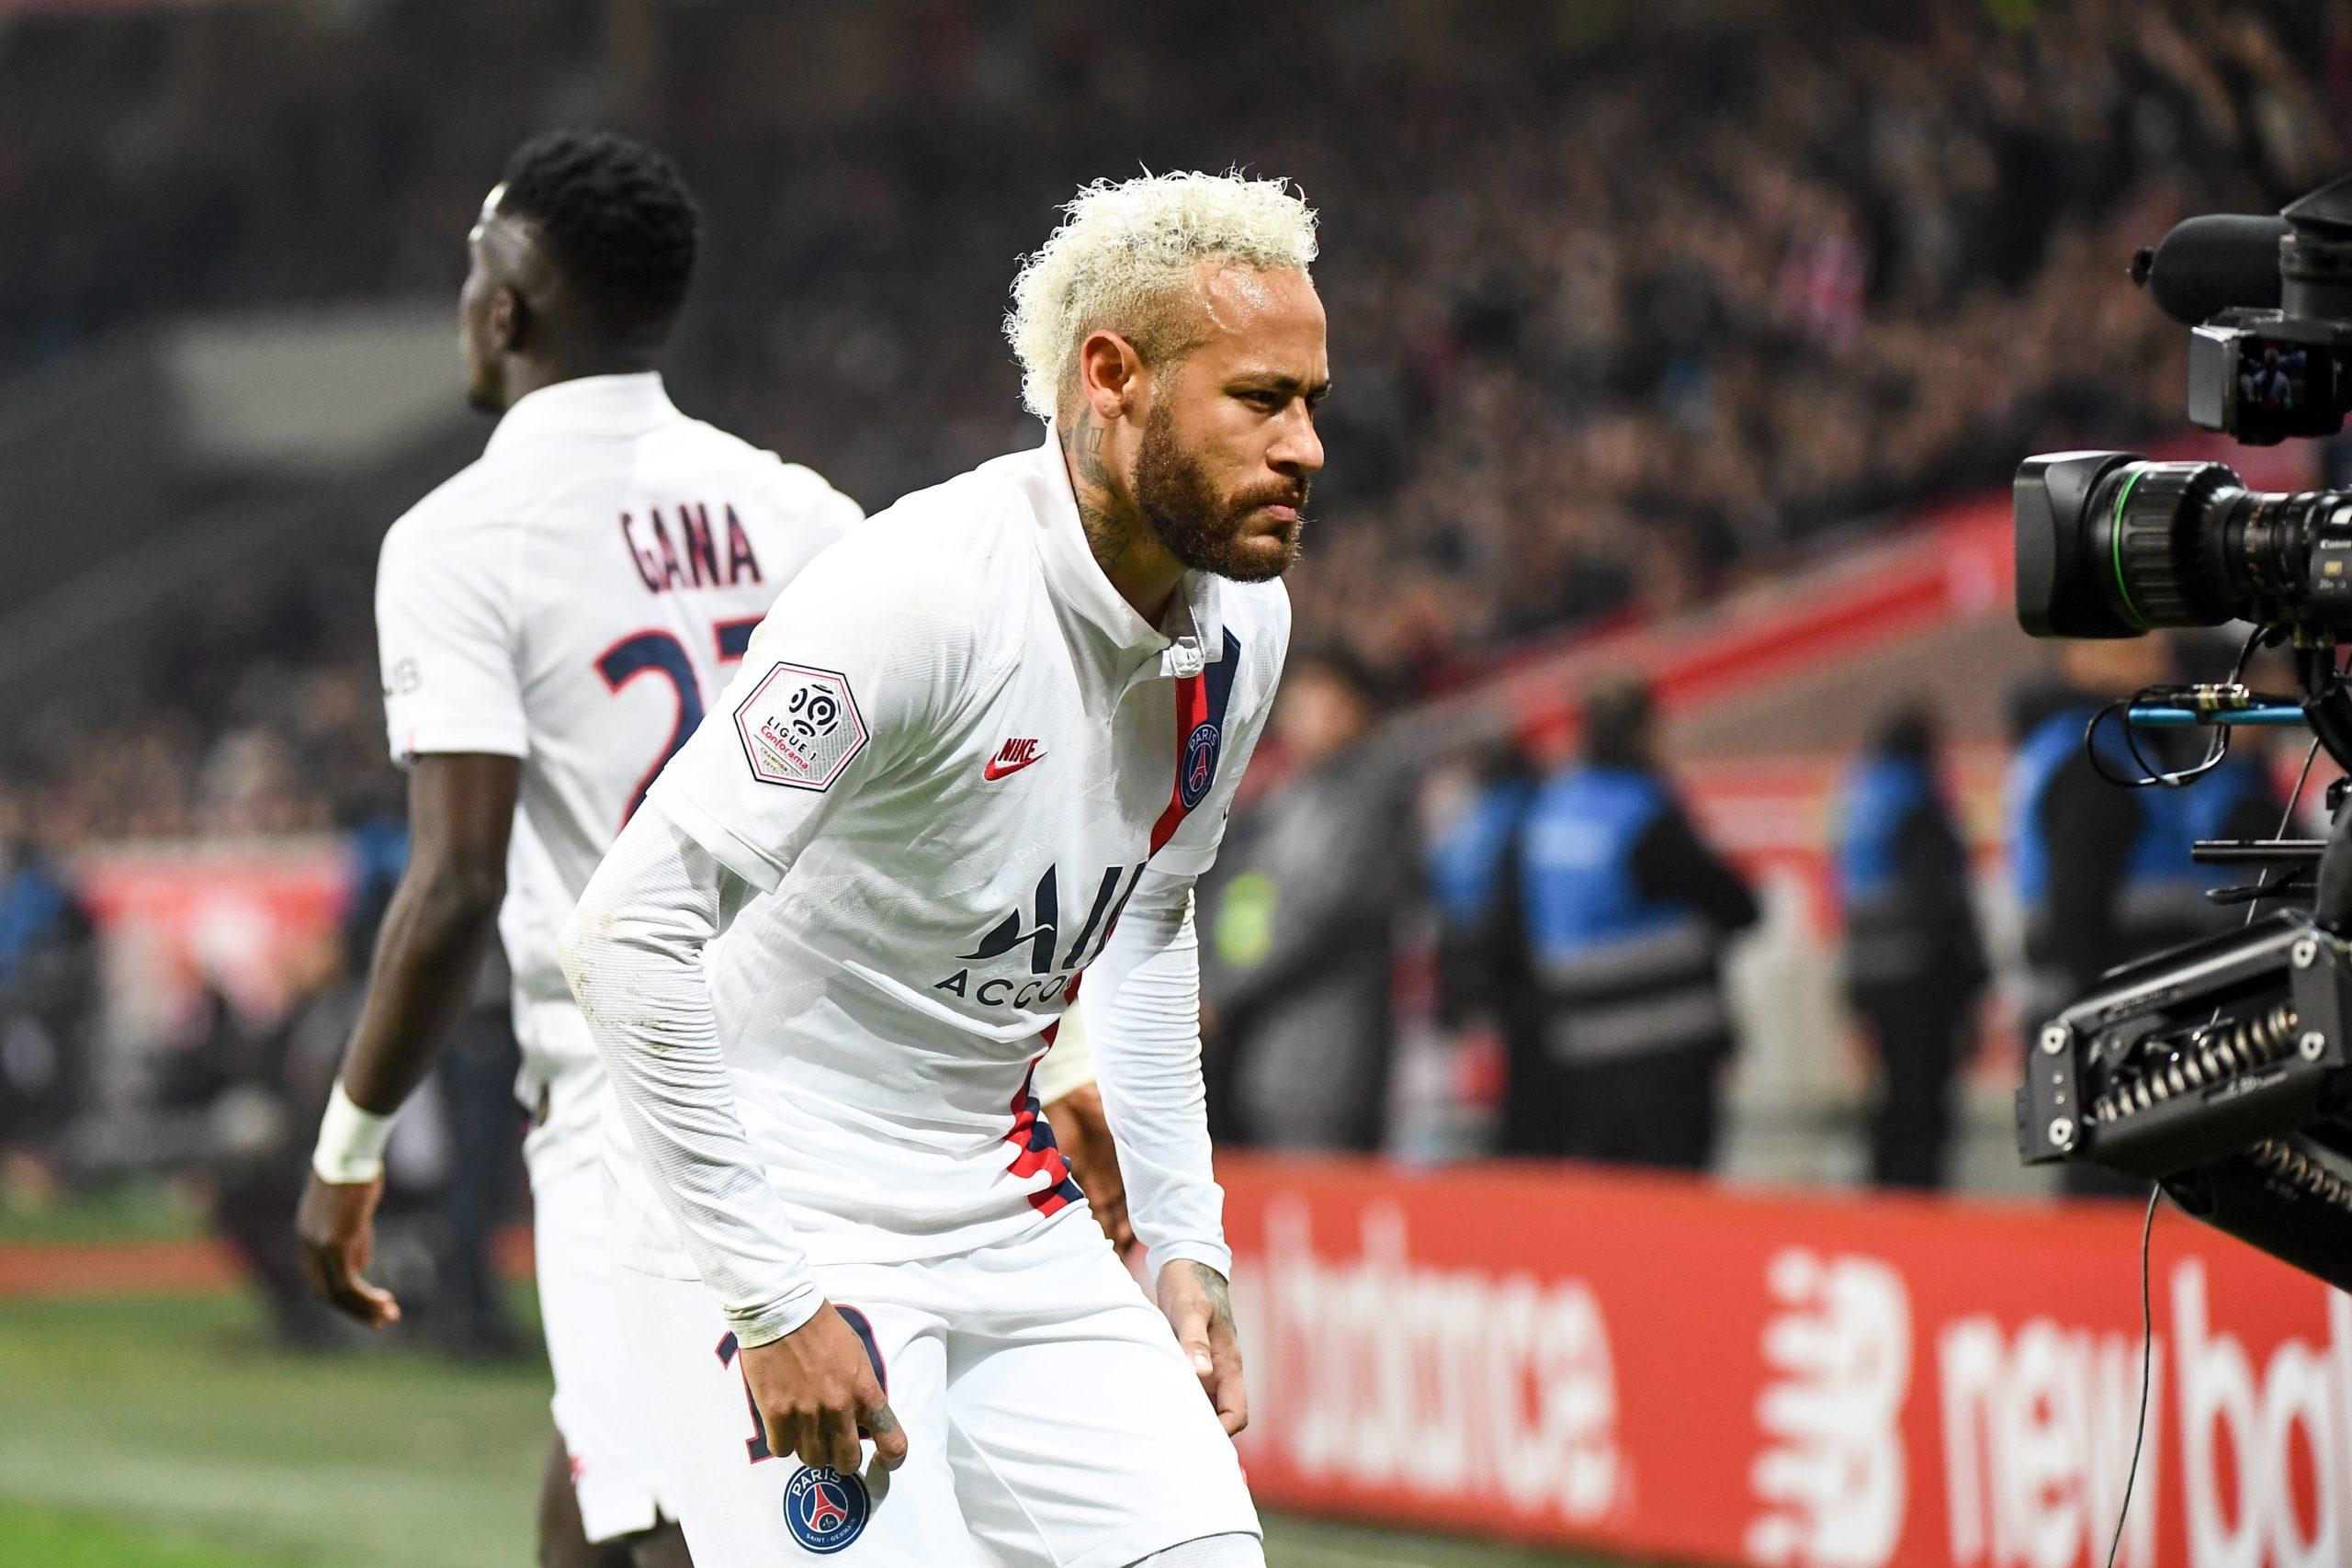 Mercato - Le Barça compte toujours recruter Neymar et le PSG pense à Dembélé, raconte Sport